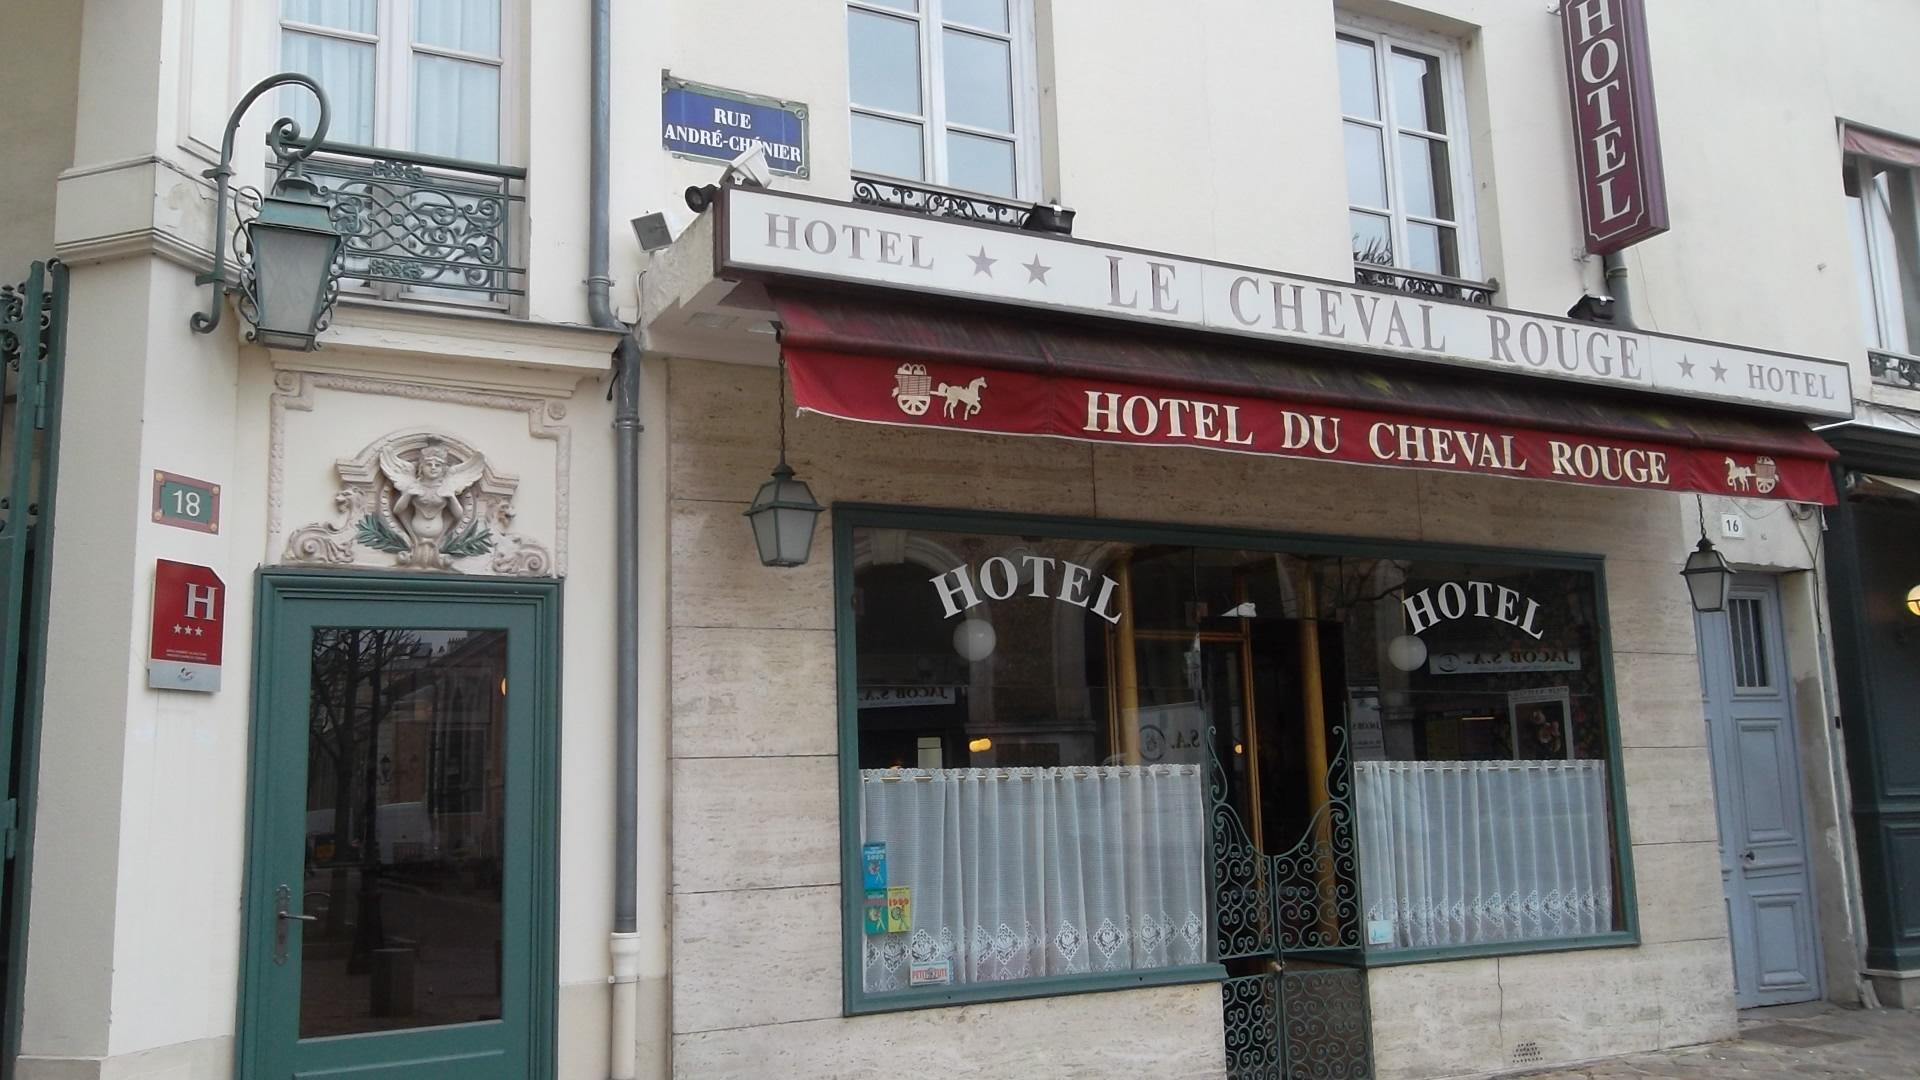 versailles-hotel-le-cheval-rouge-main-ent-mar13